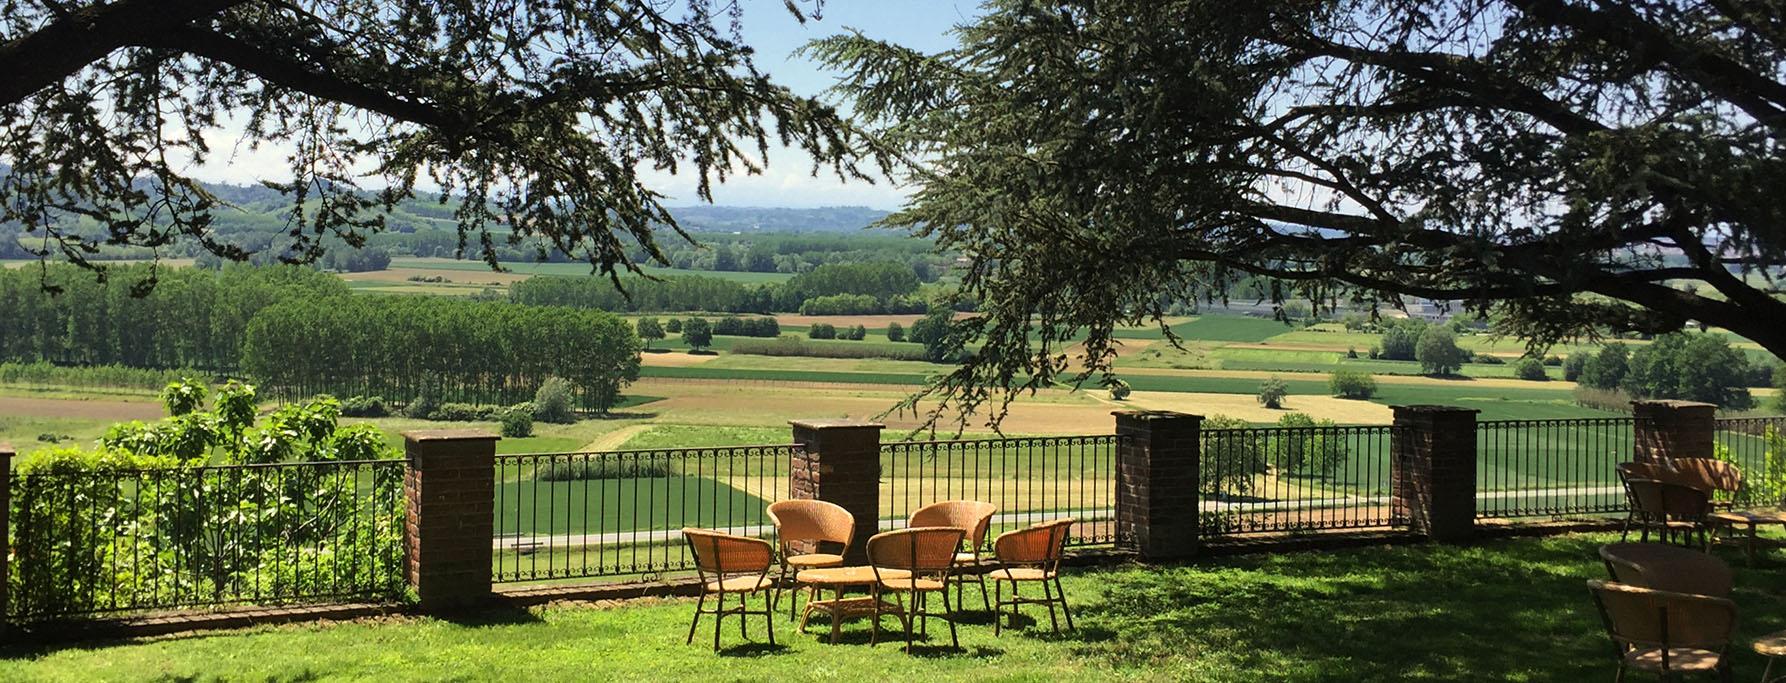 Villa Fiorita, per il ricevimento del tuo matrimonio.